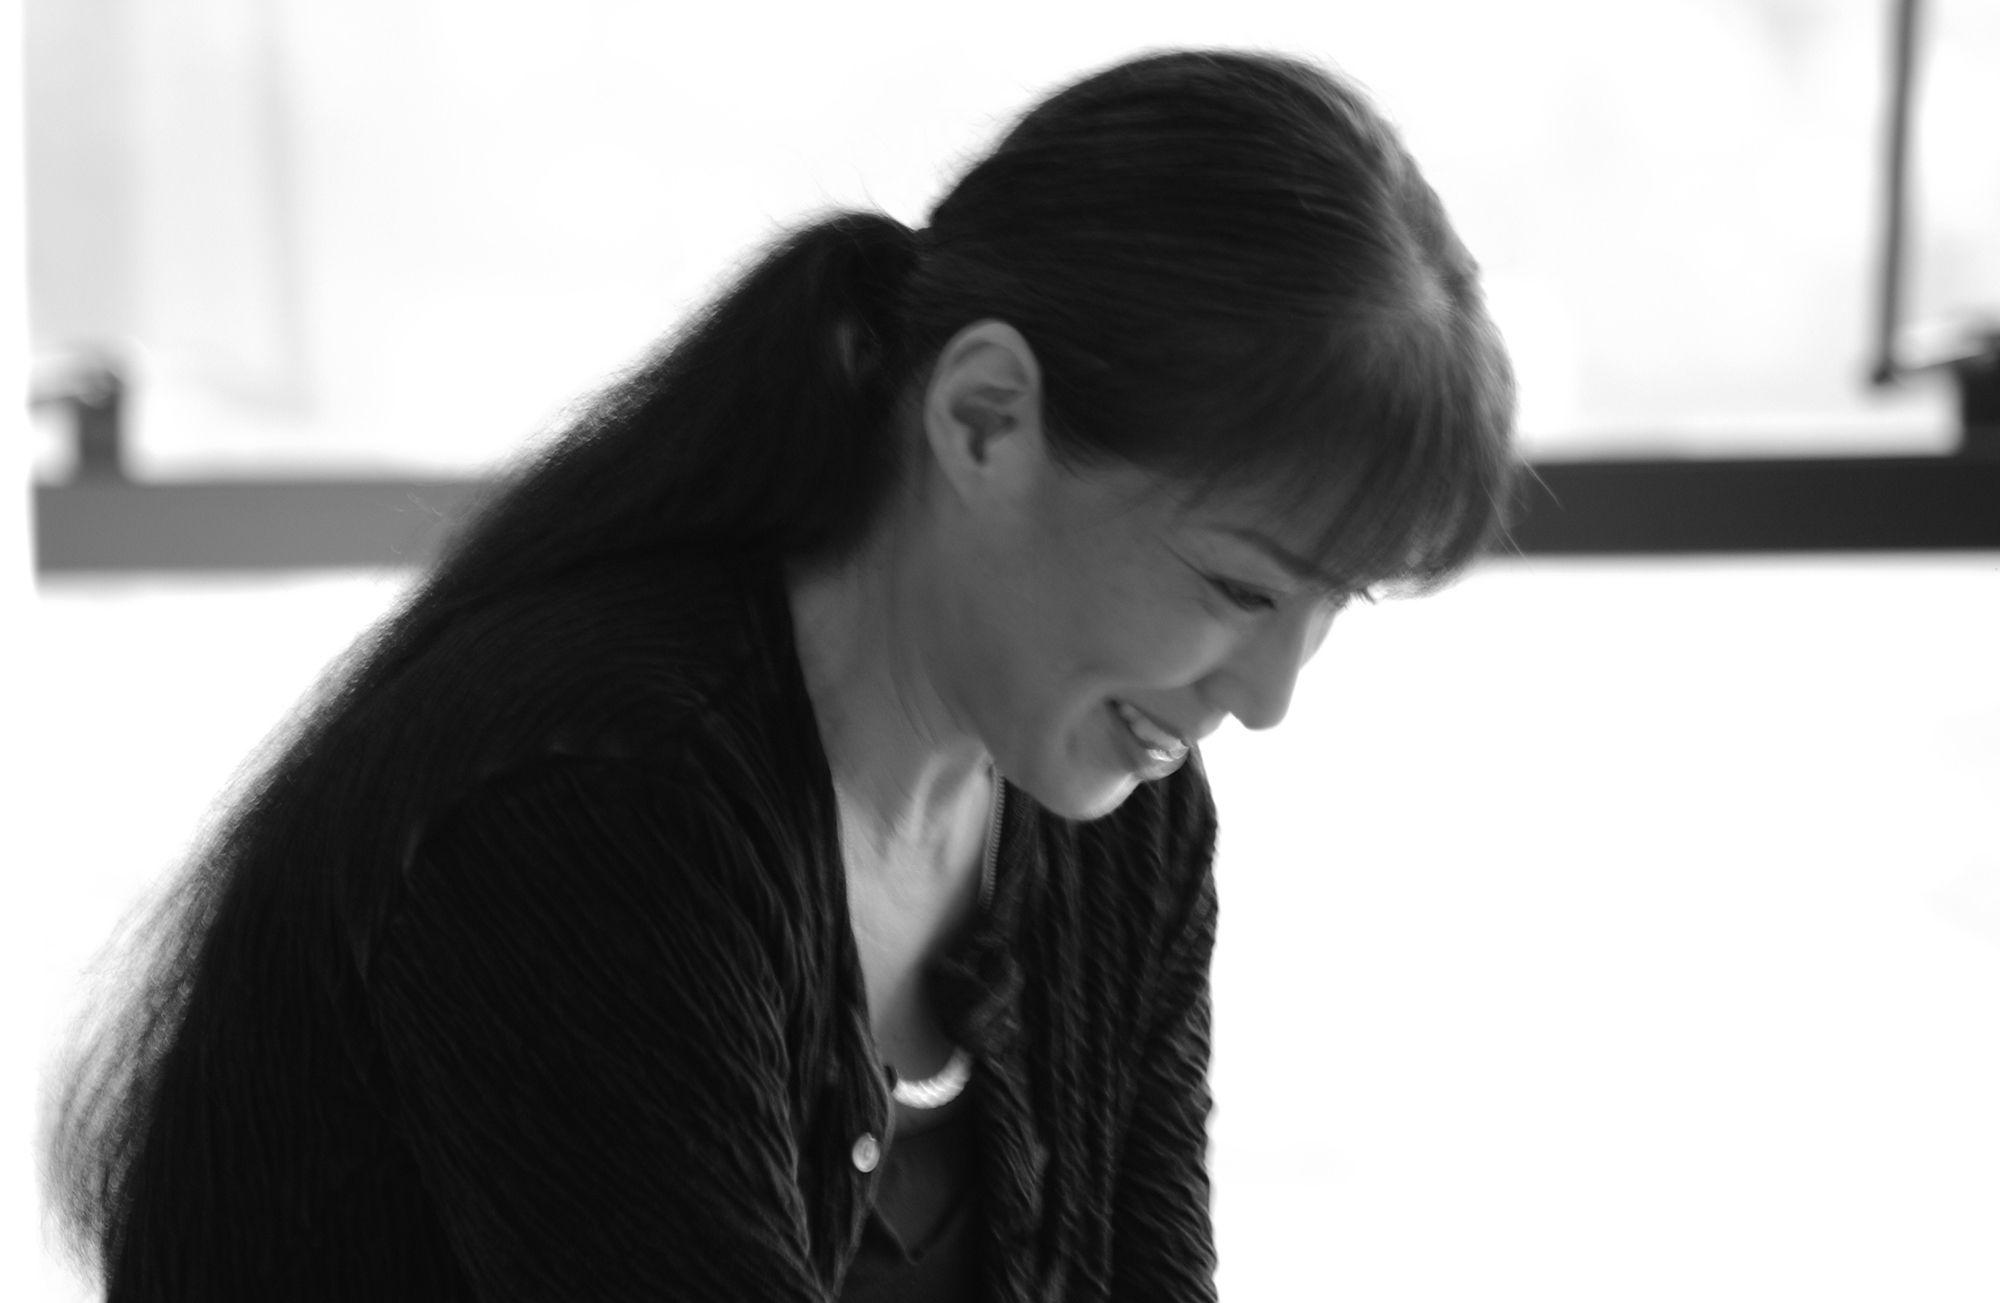 Makiko Minagawa